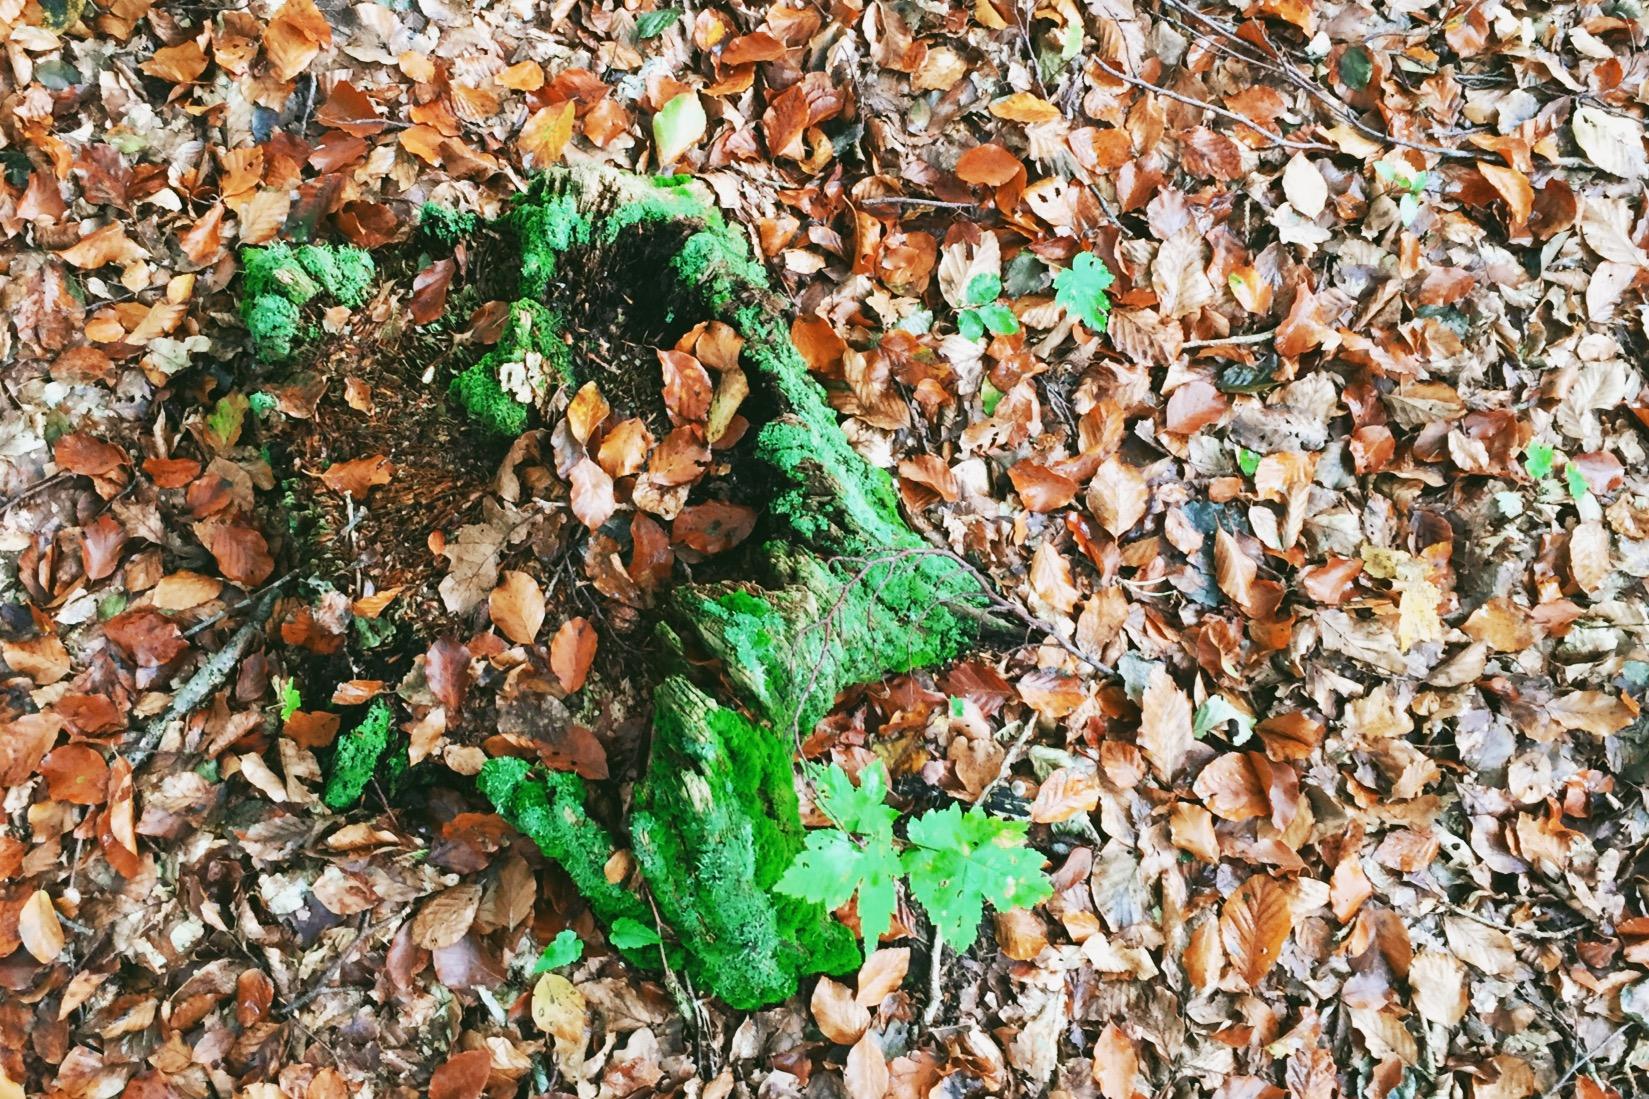 Herz im Wald zwischen Laub - Fotoidee für den Herbst